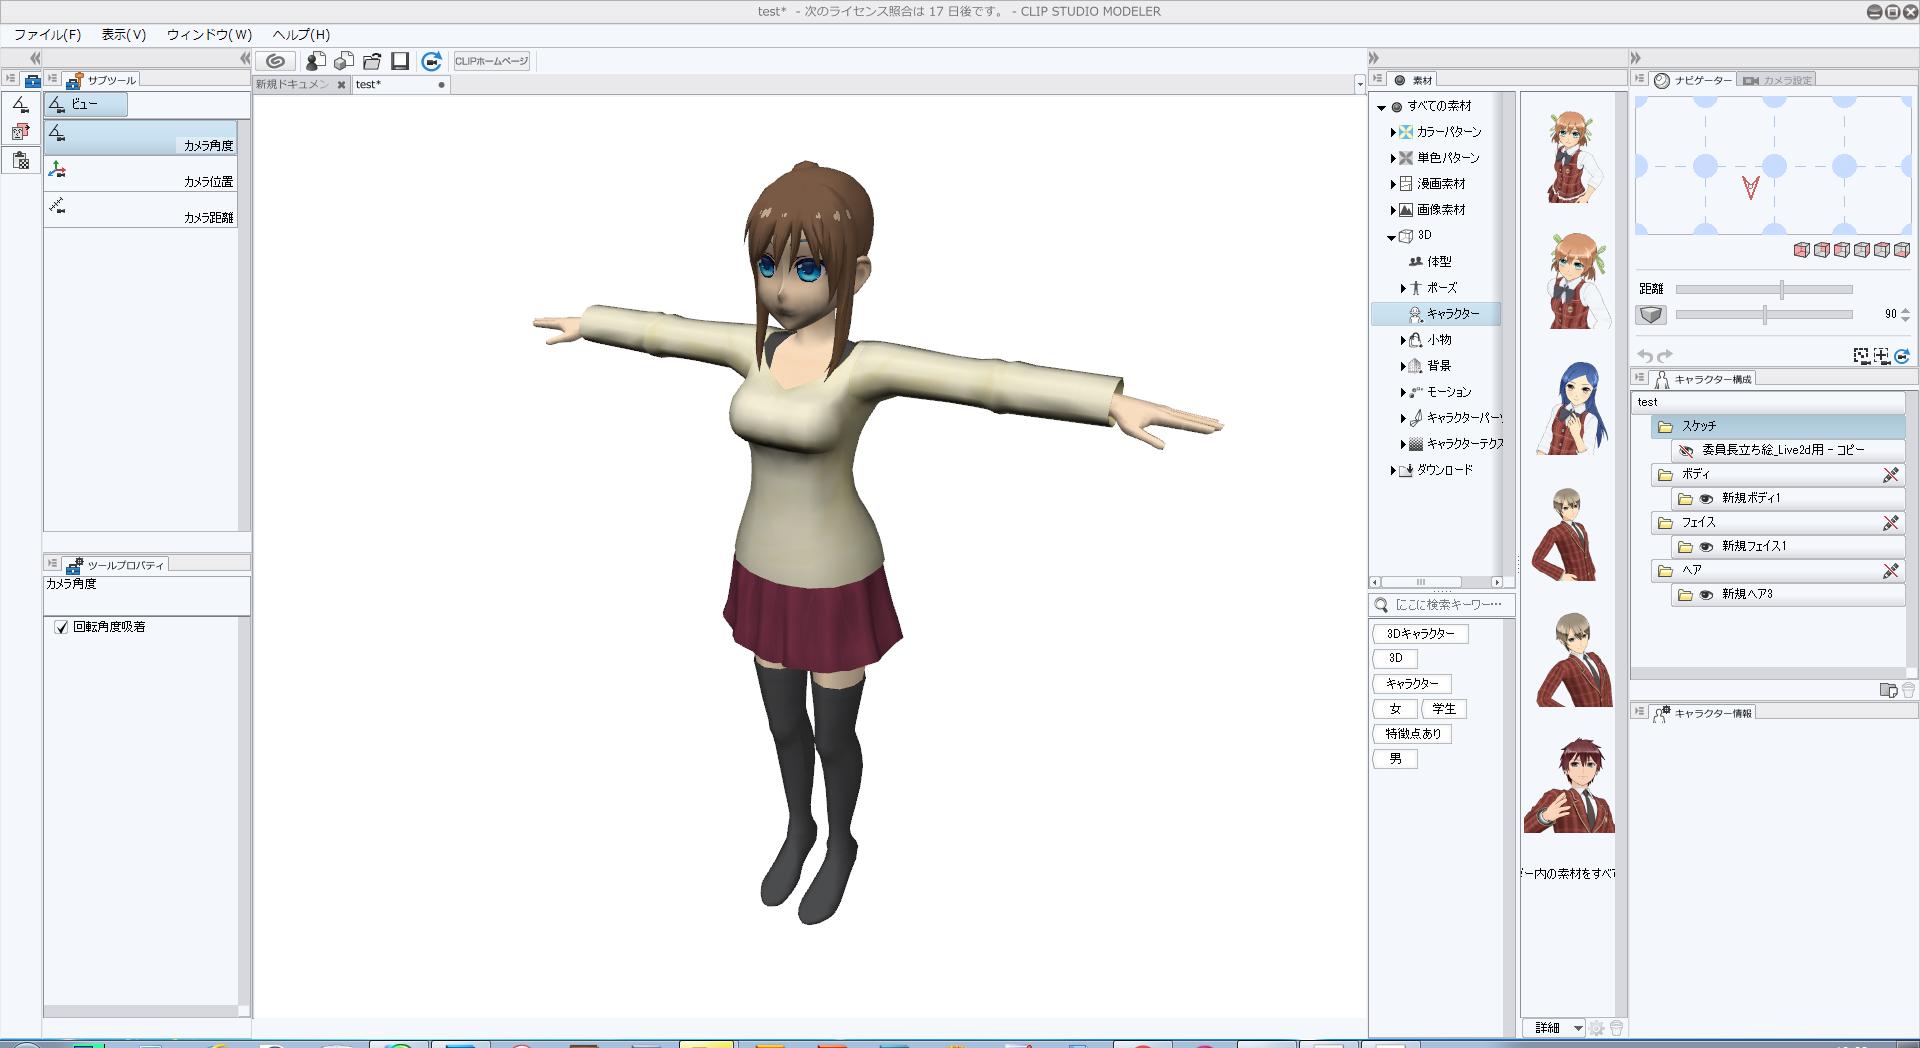 CLIP STUDIO MODELERはまったくモデリングしないか、結構する人向け